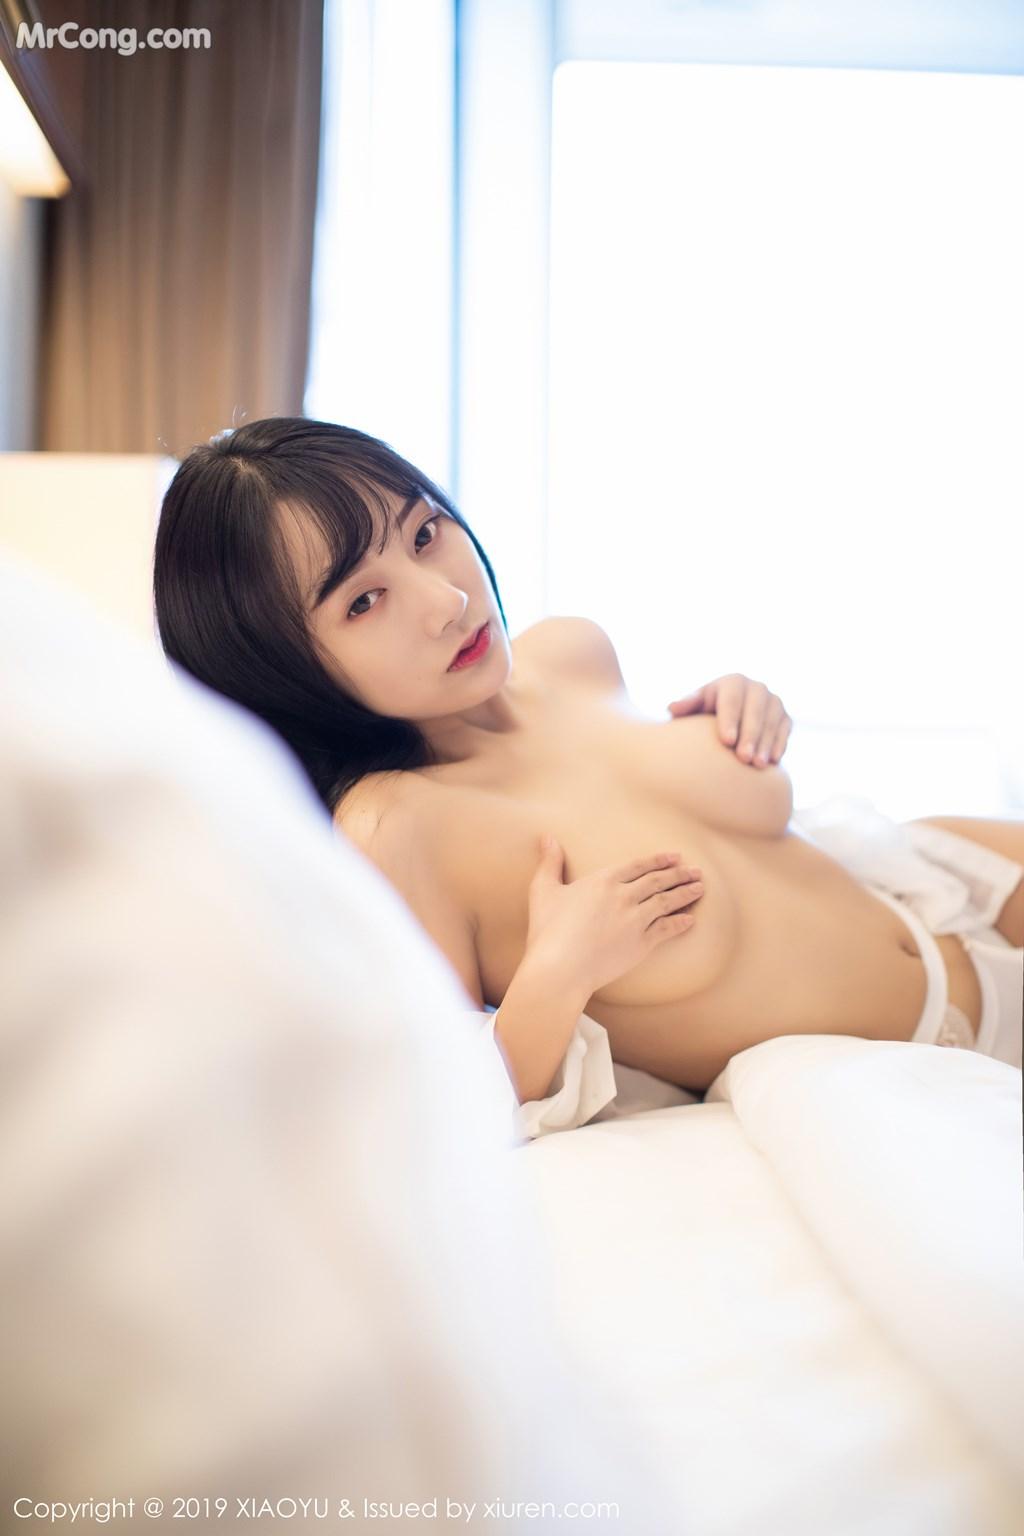 Image XiaoYu-Vol.076-He-Jia-Ying-MrCong.com-042 in post XiaoYu Vol.076: He Jia Ying (何嘉颖) (72 ảnh)